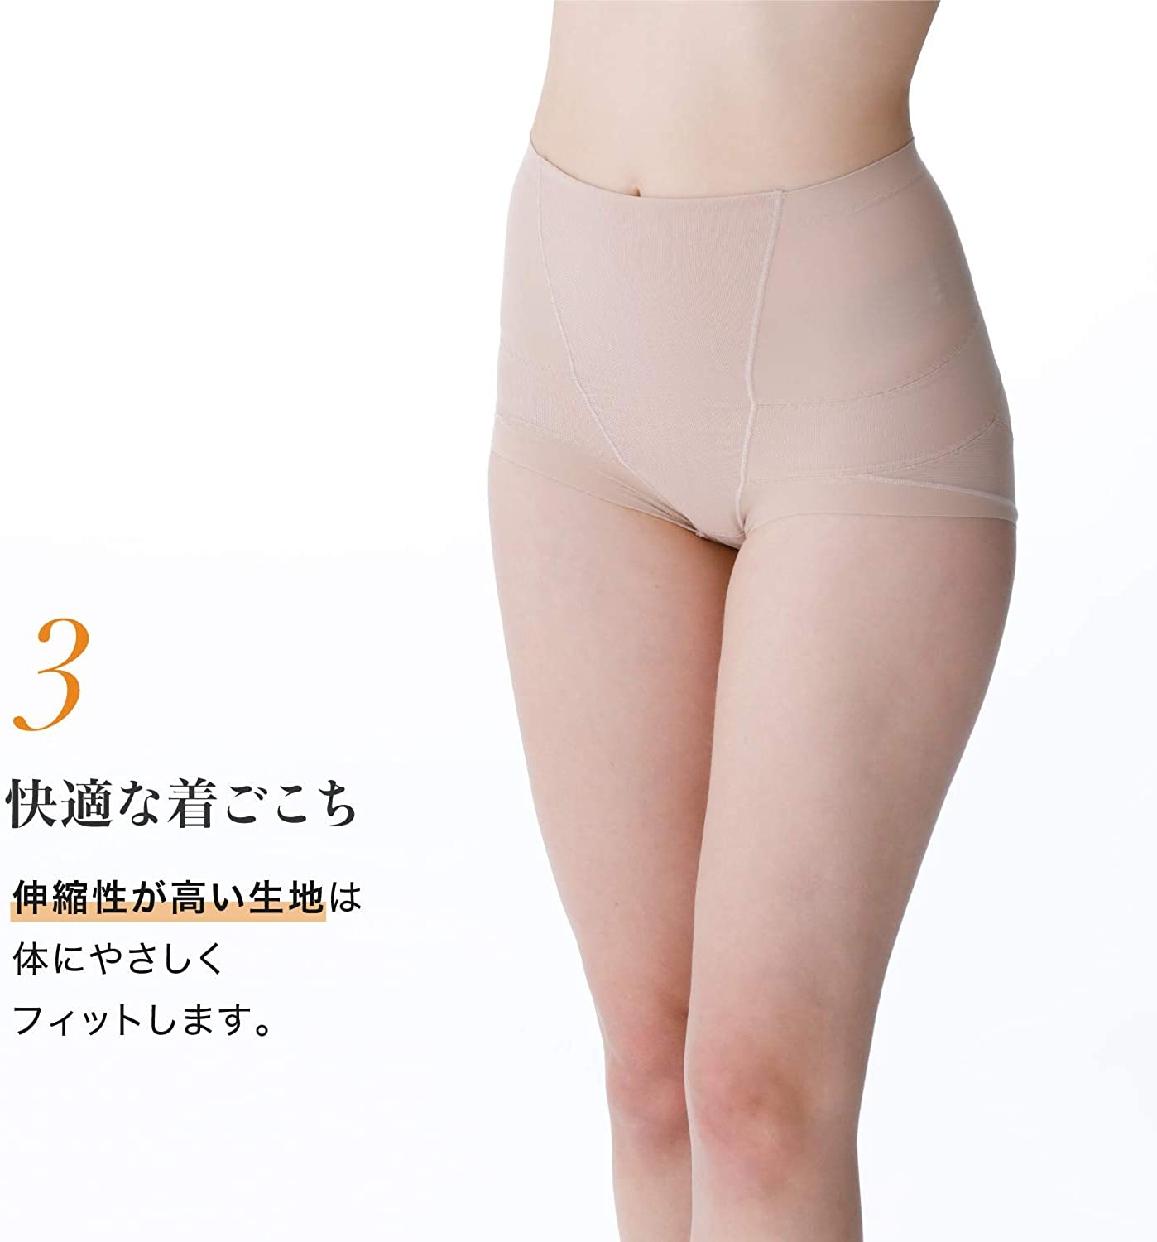 LECIEN(ルシアン)骨盤パンツ (ショート丈)の商品画像6